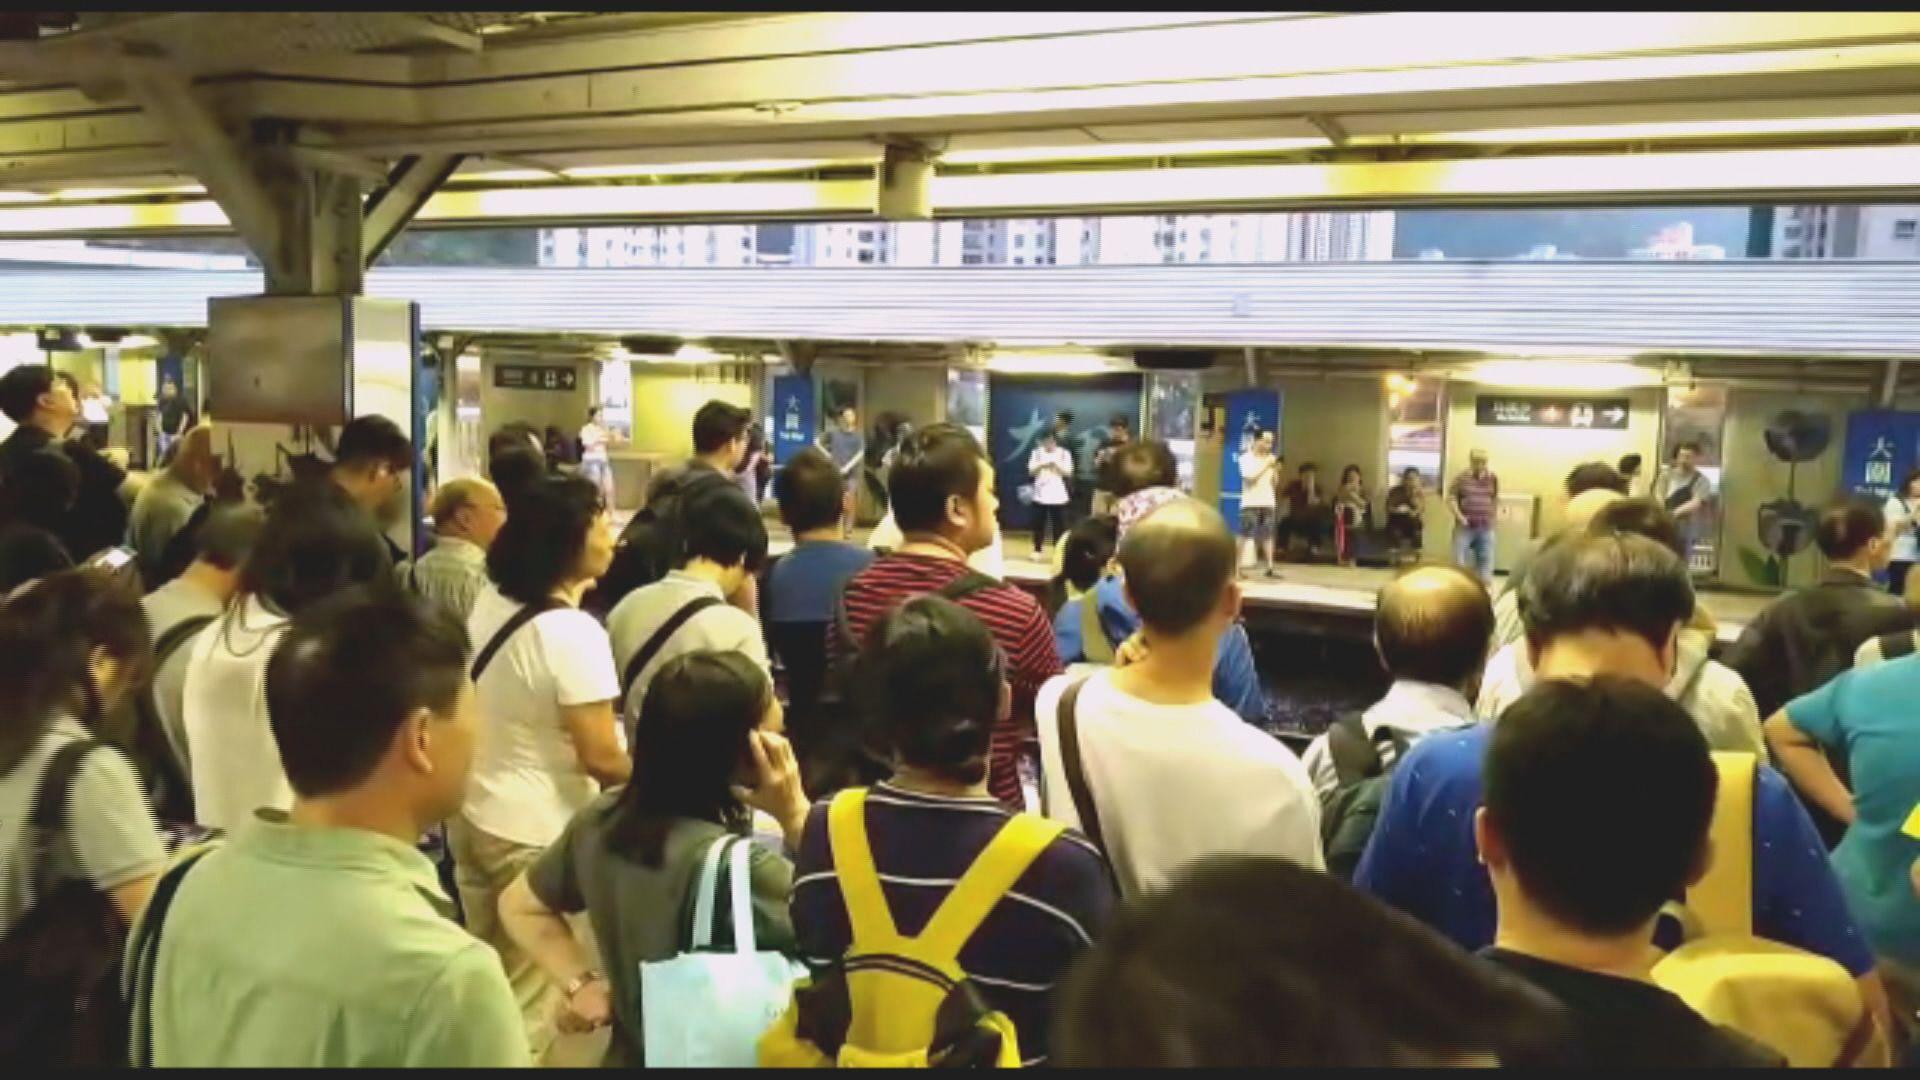 東鐵綫大圍站出九龍列車受阻迫滿人